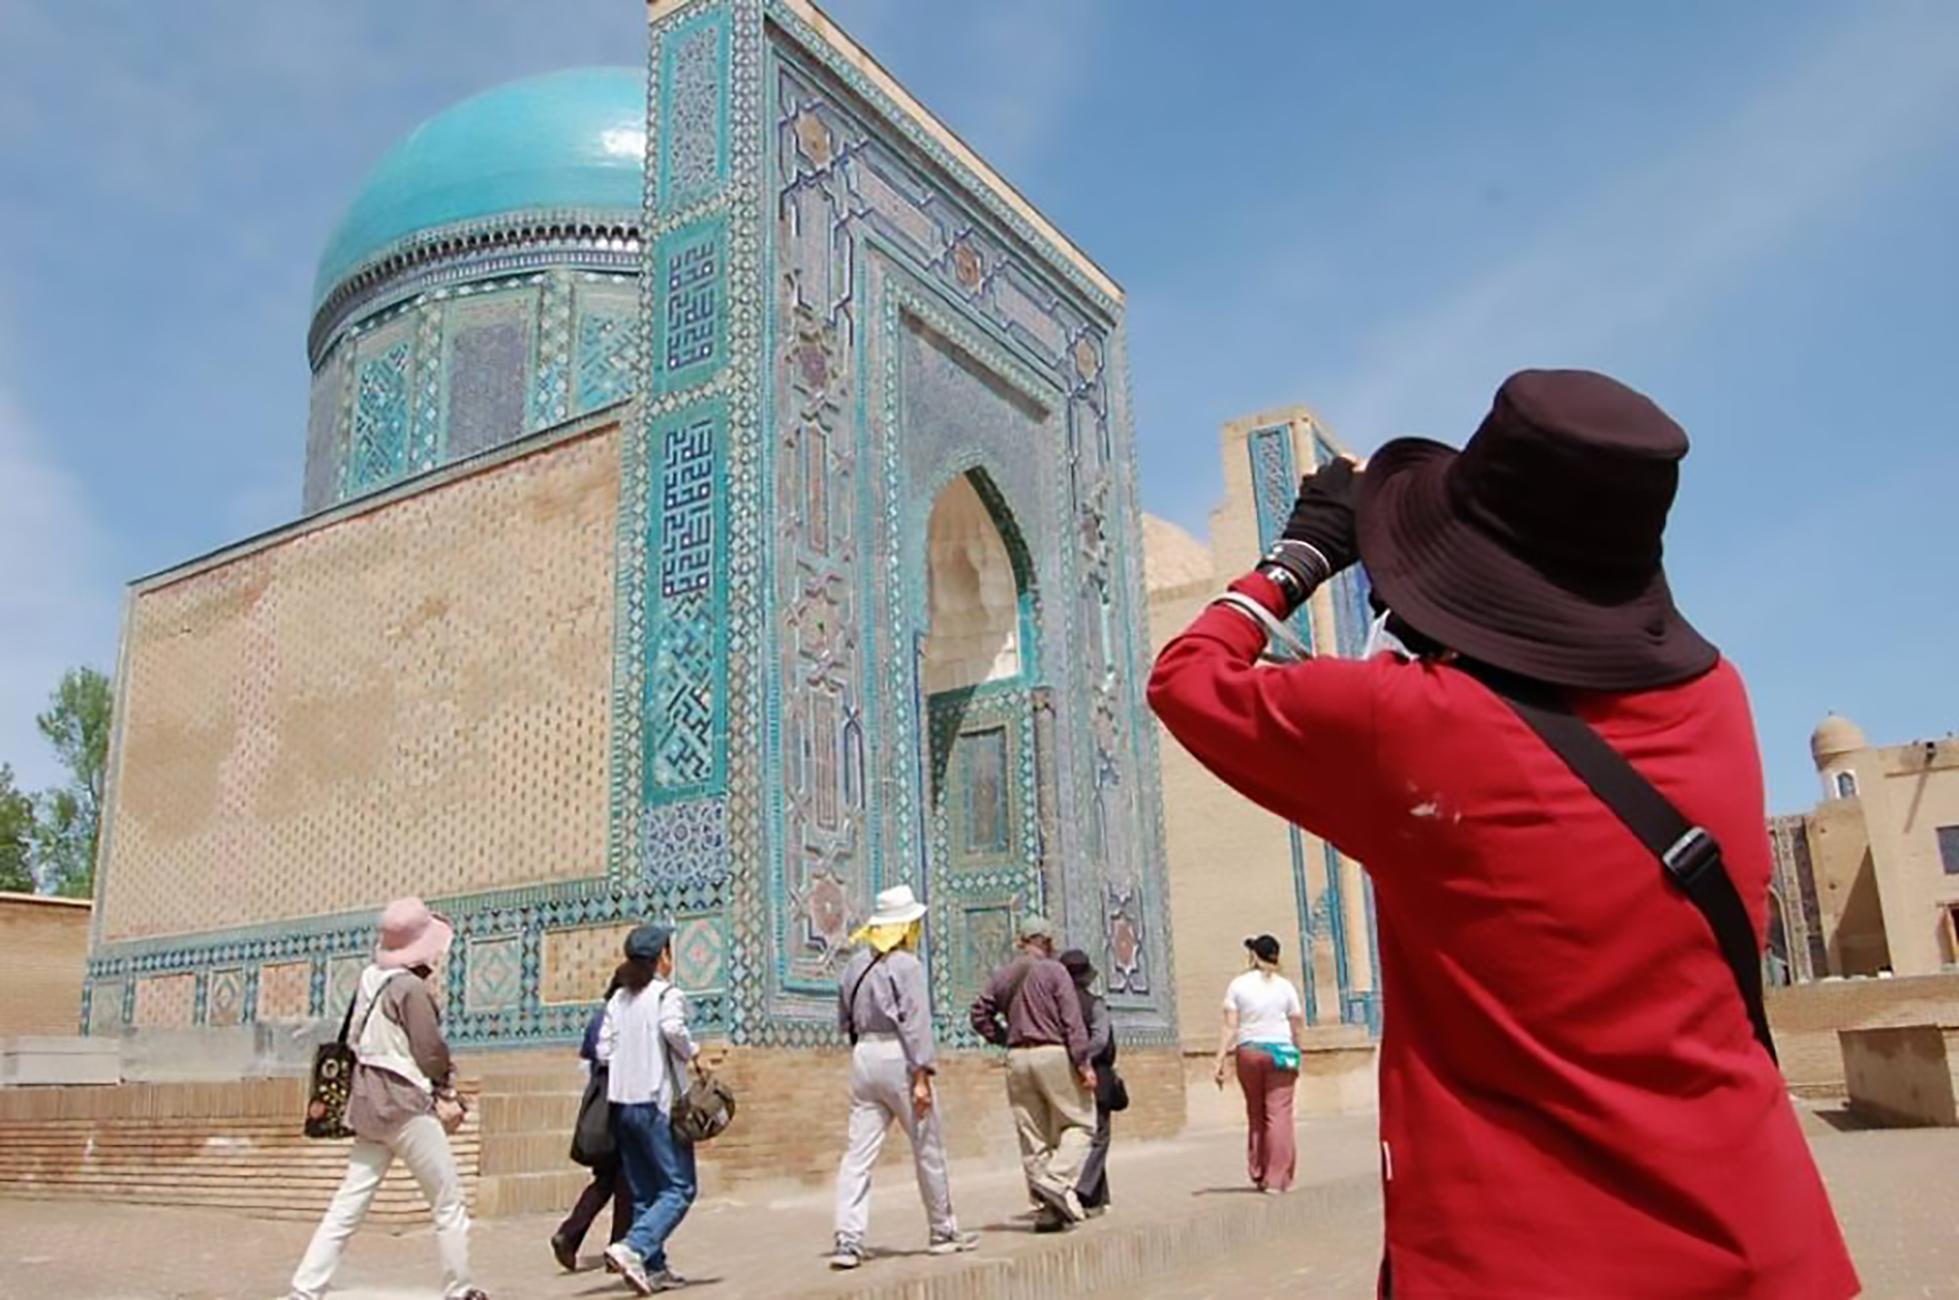 Новая система узбекских электронных виз понравилась туристам из США и других стран